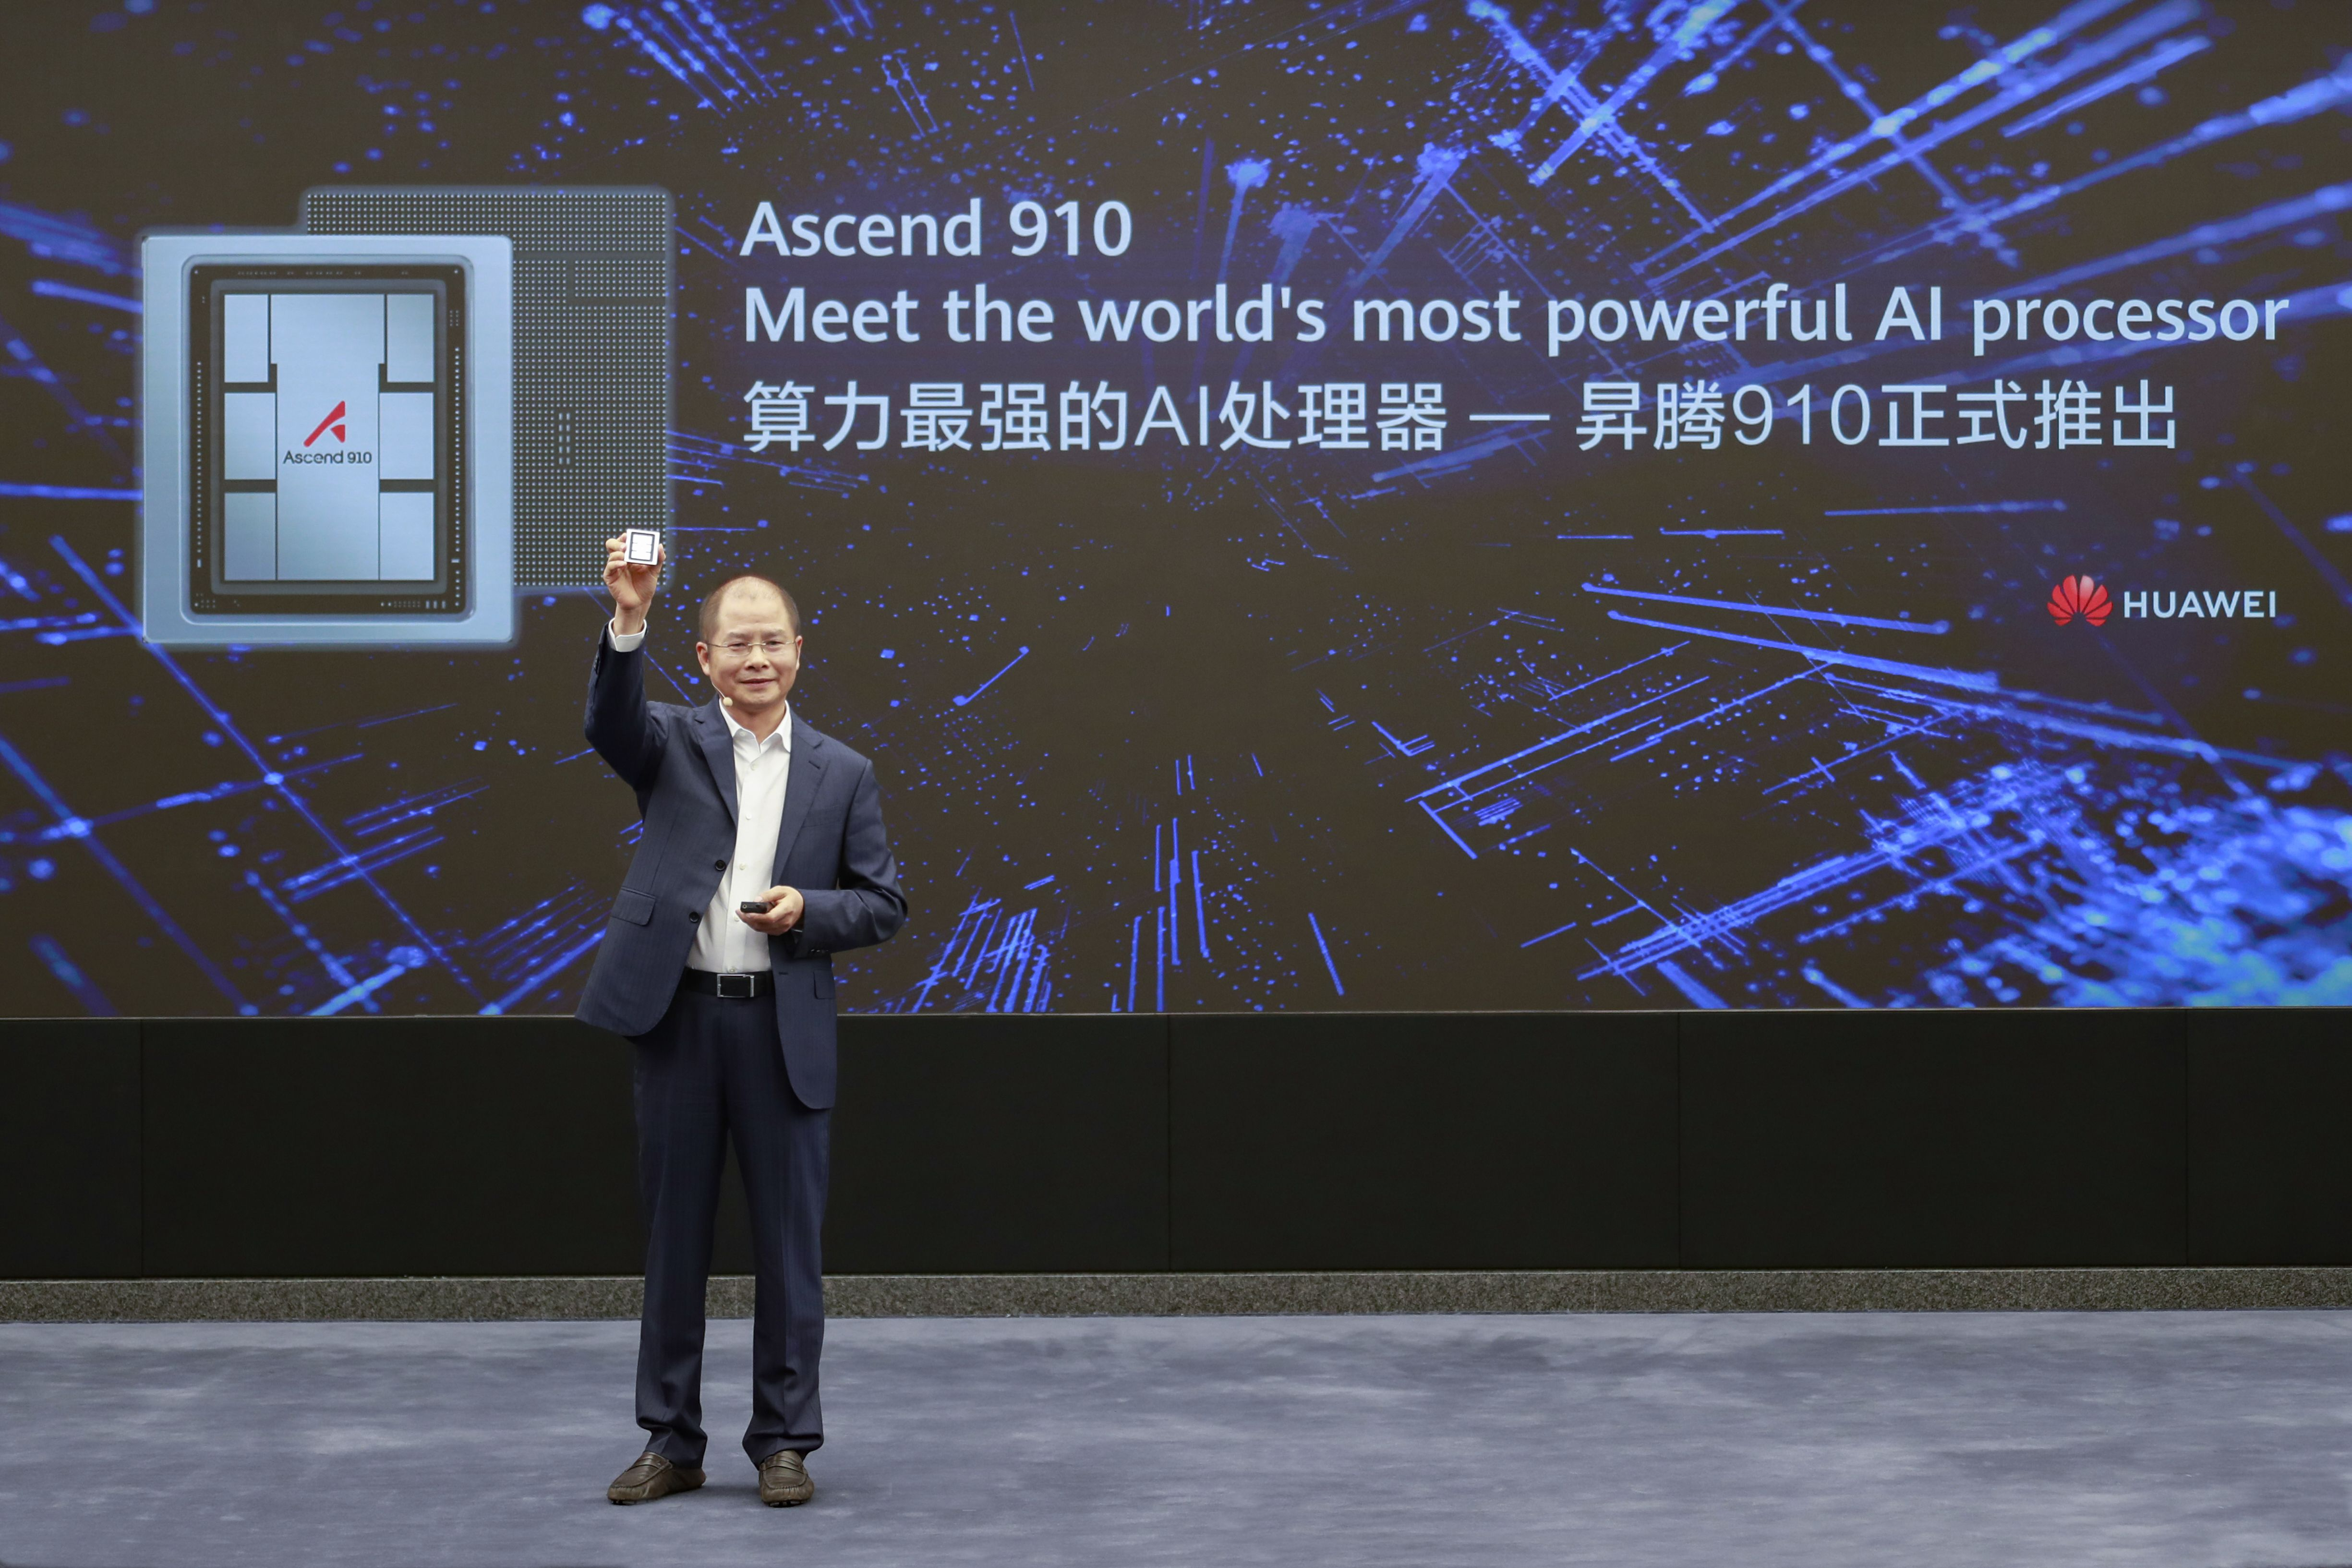 华为正式发布算力最强AI处理器Ascend 910